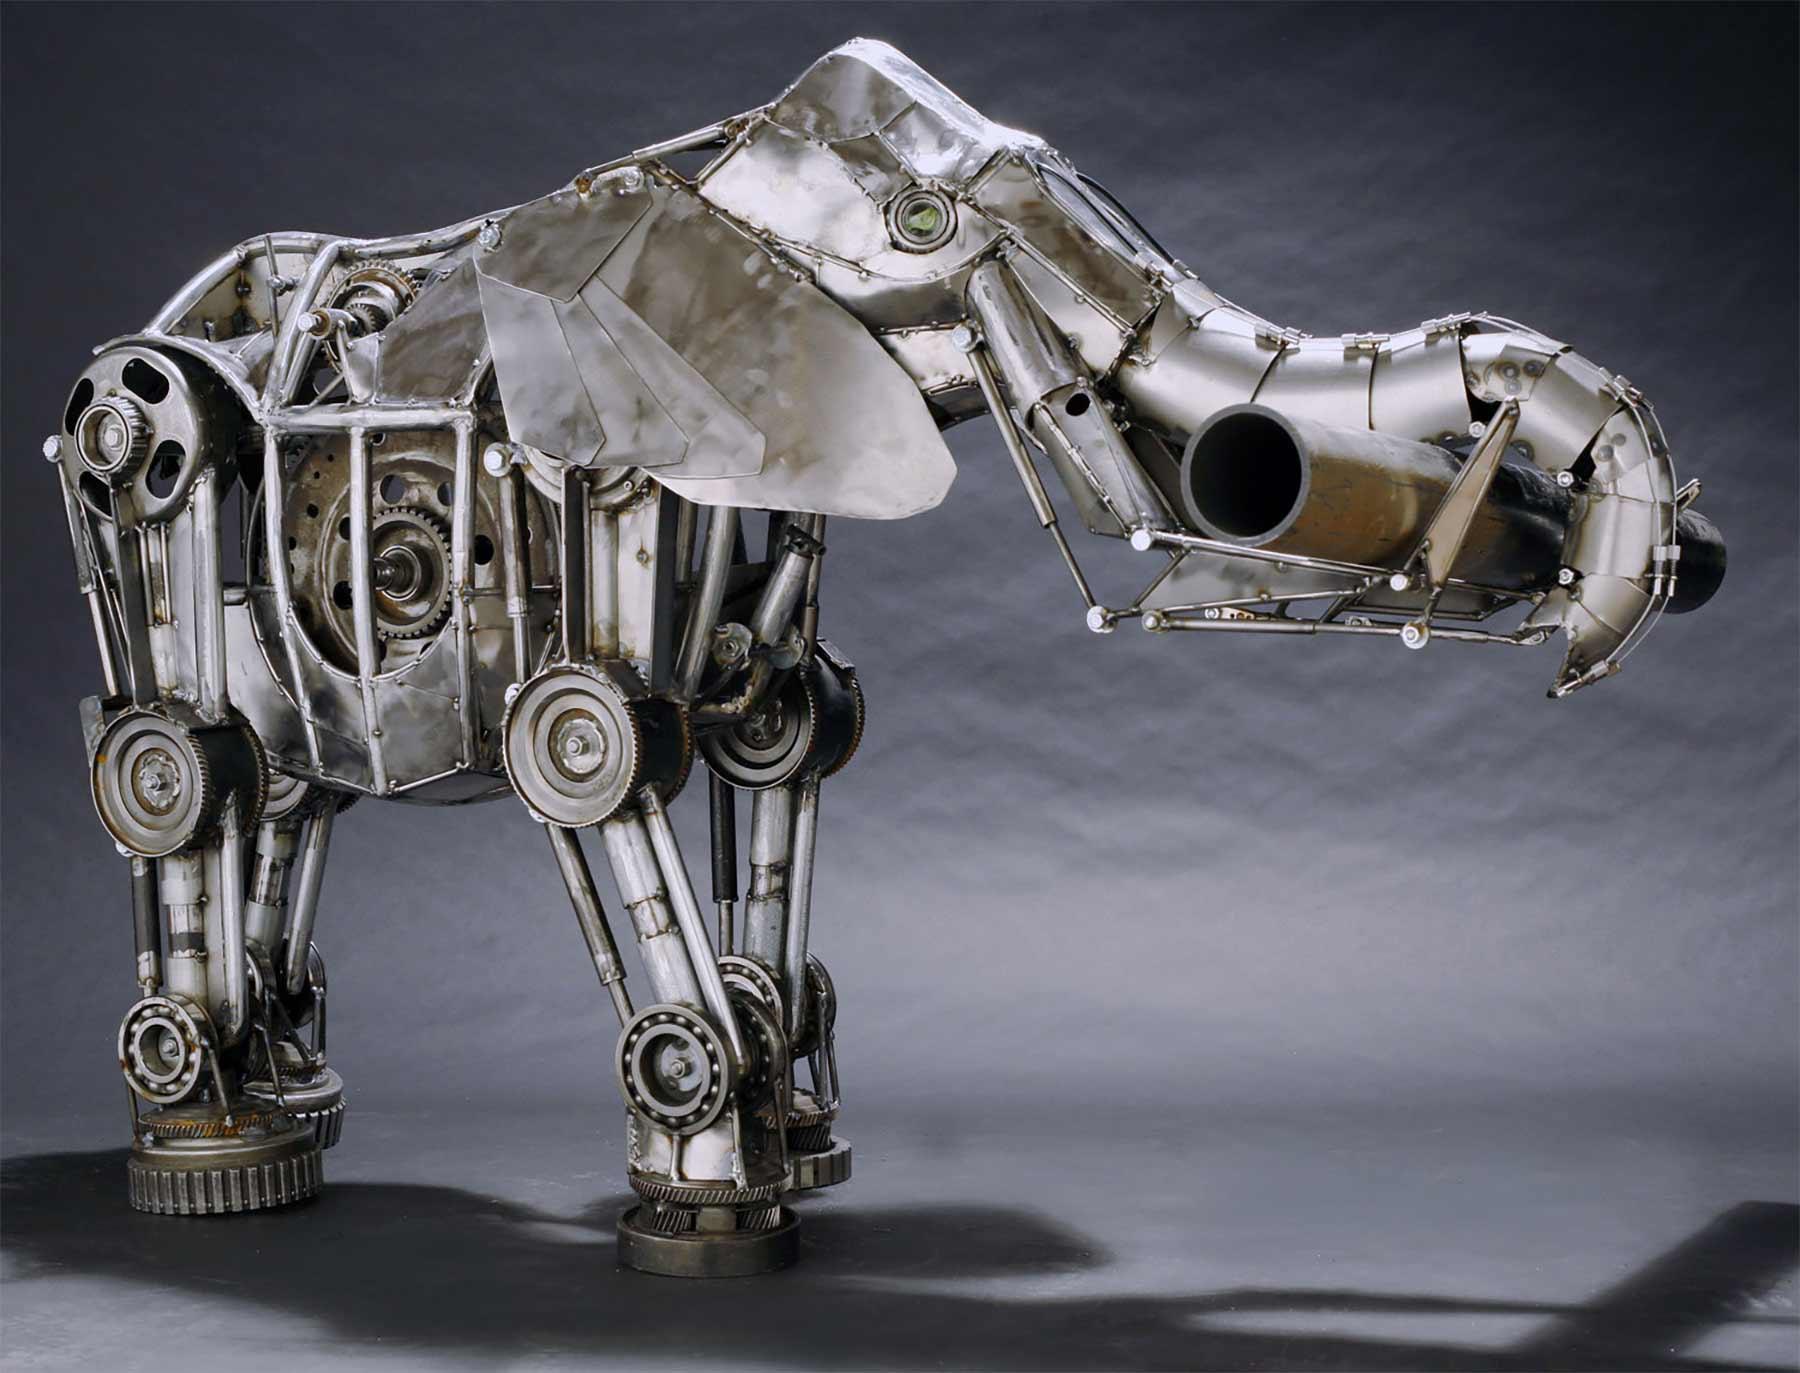 Tierskulpturen aus Metall von Andrew Chase Andrew-Chase-tierskulpturen-metall_06